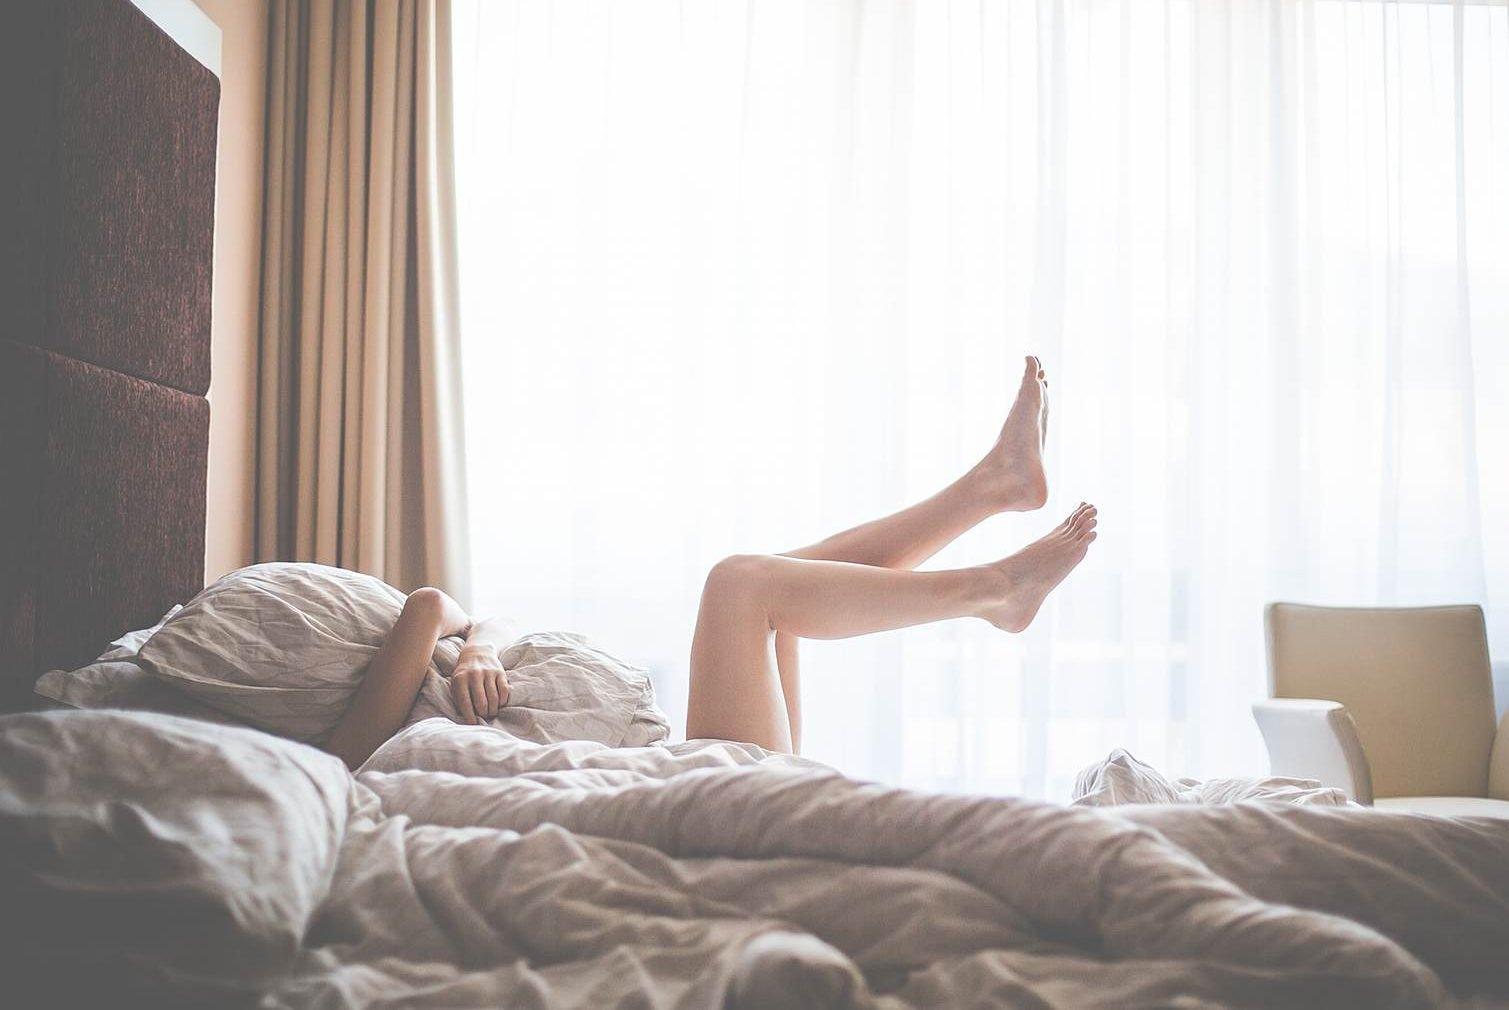 Як не бути колодою в ліжку – 6 порад